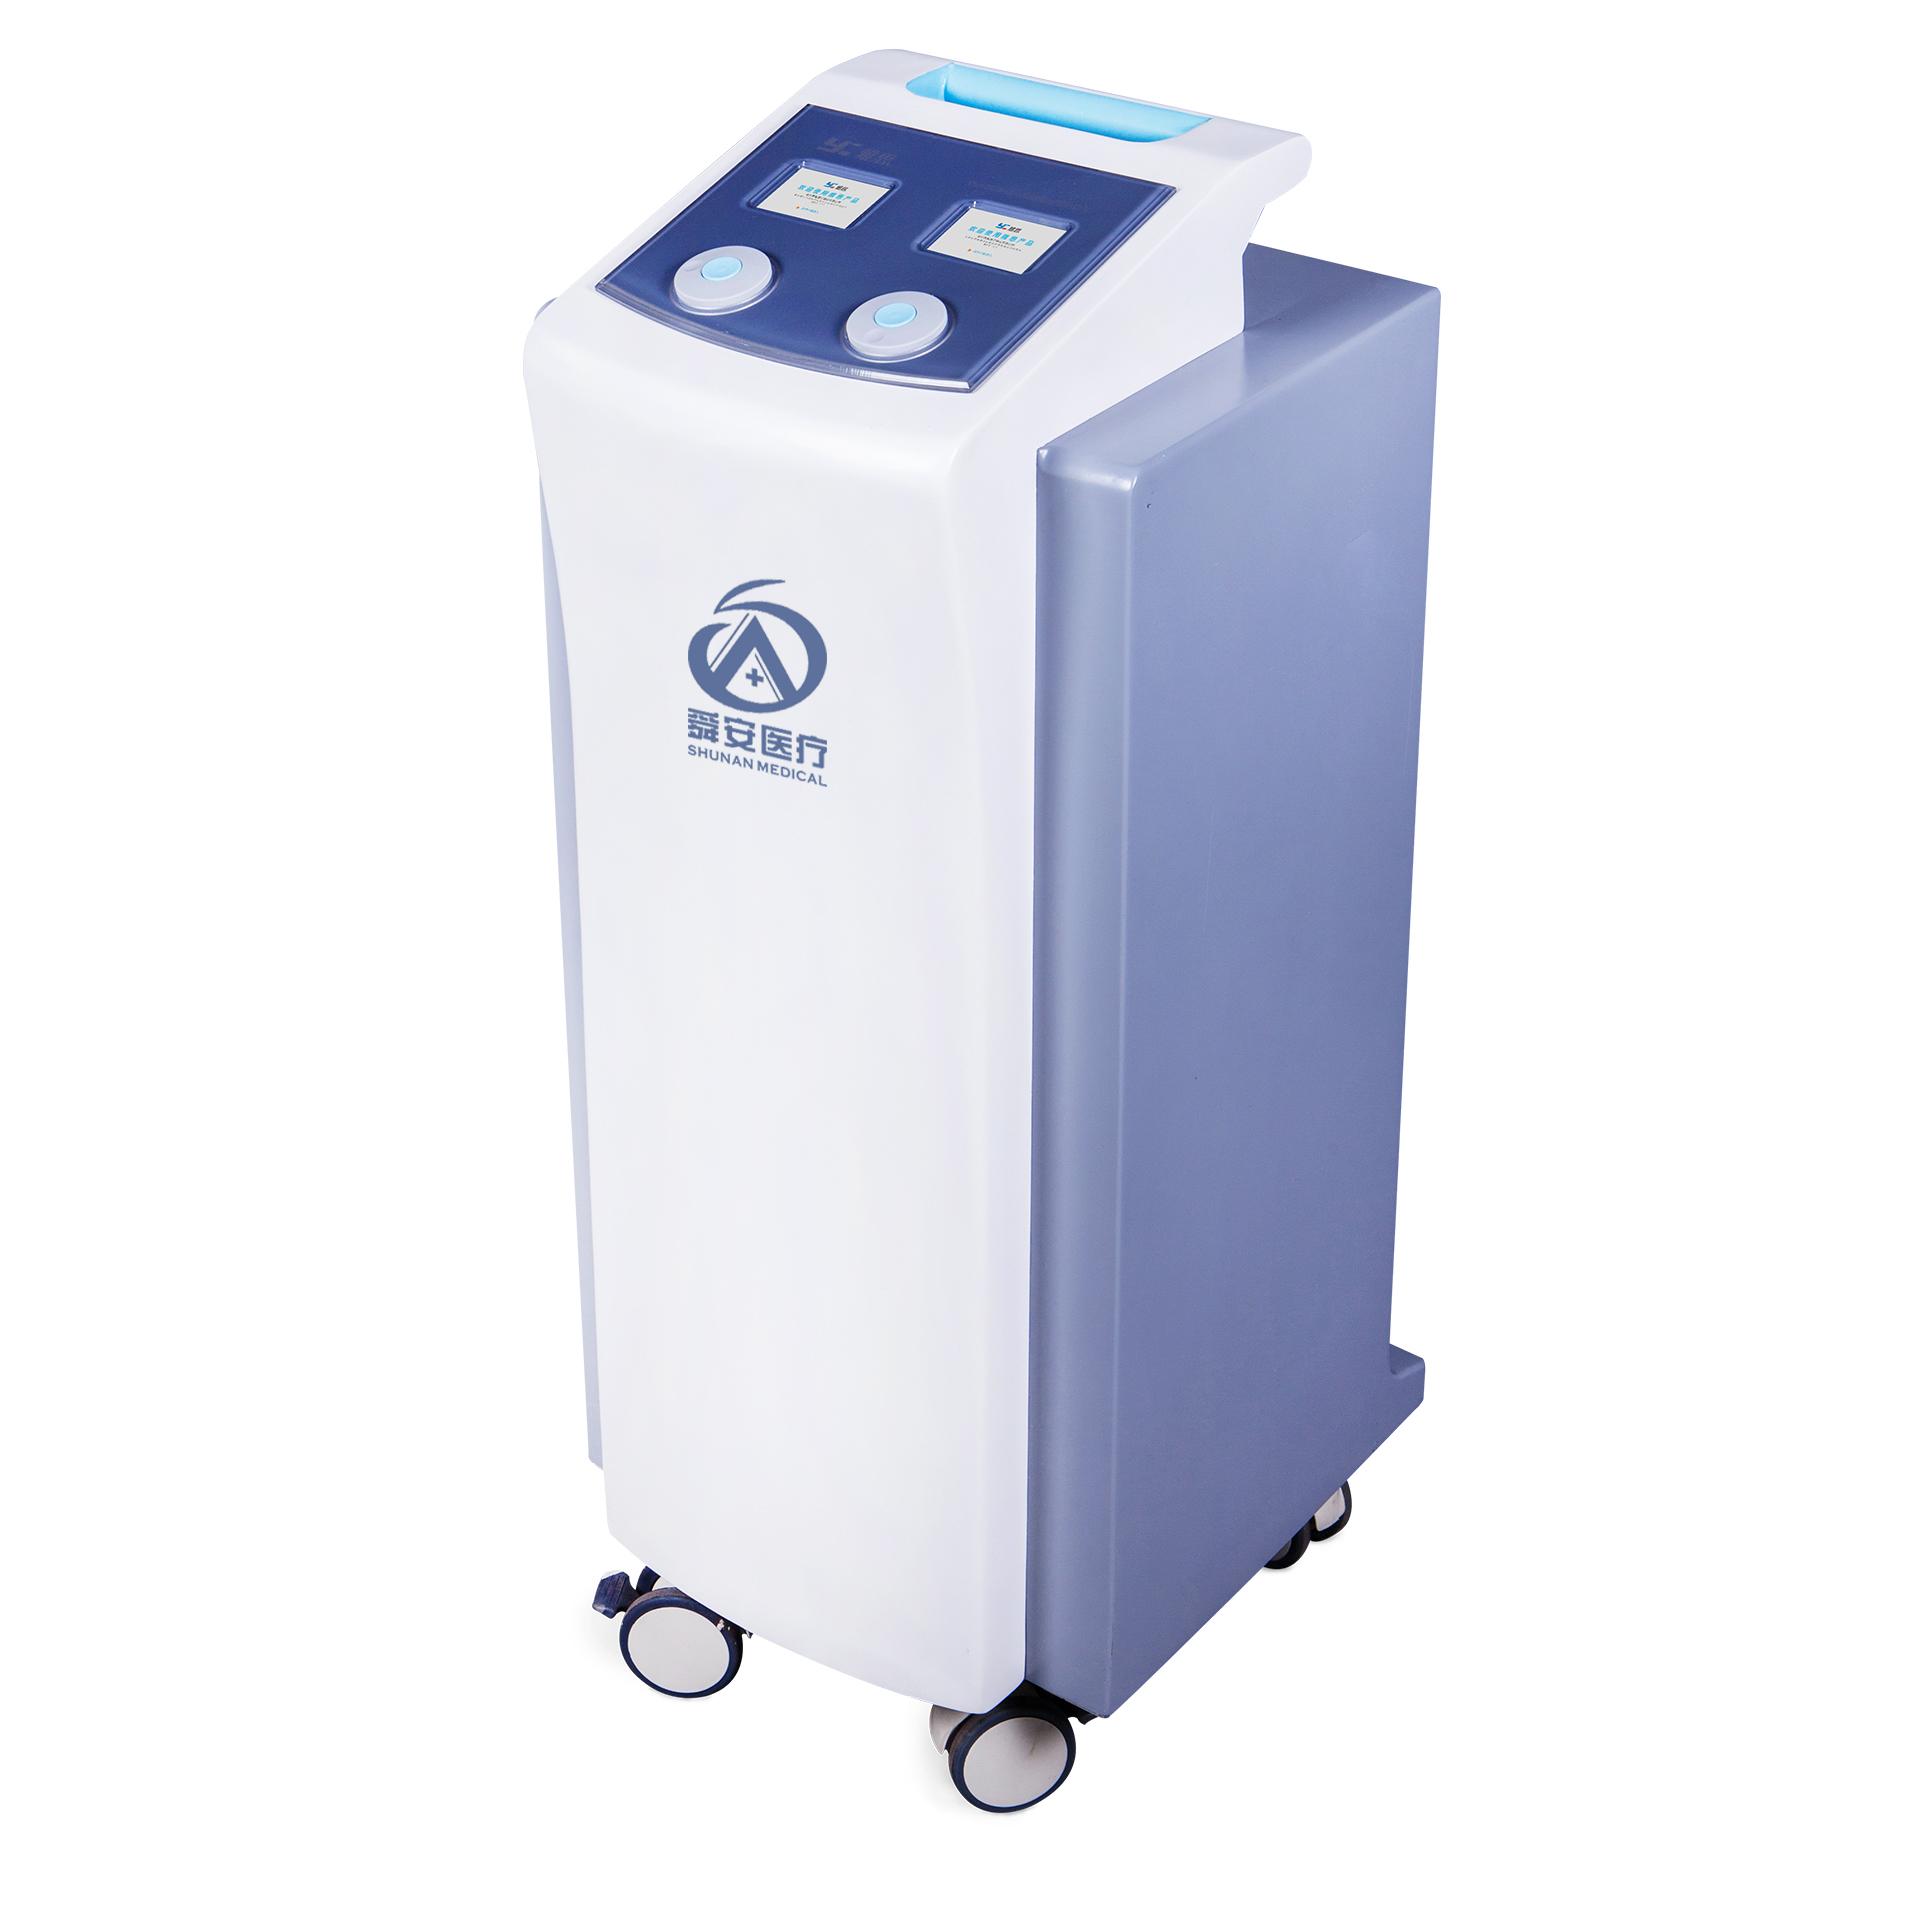 磁振热治疗仪